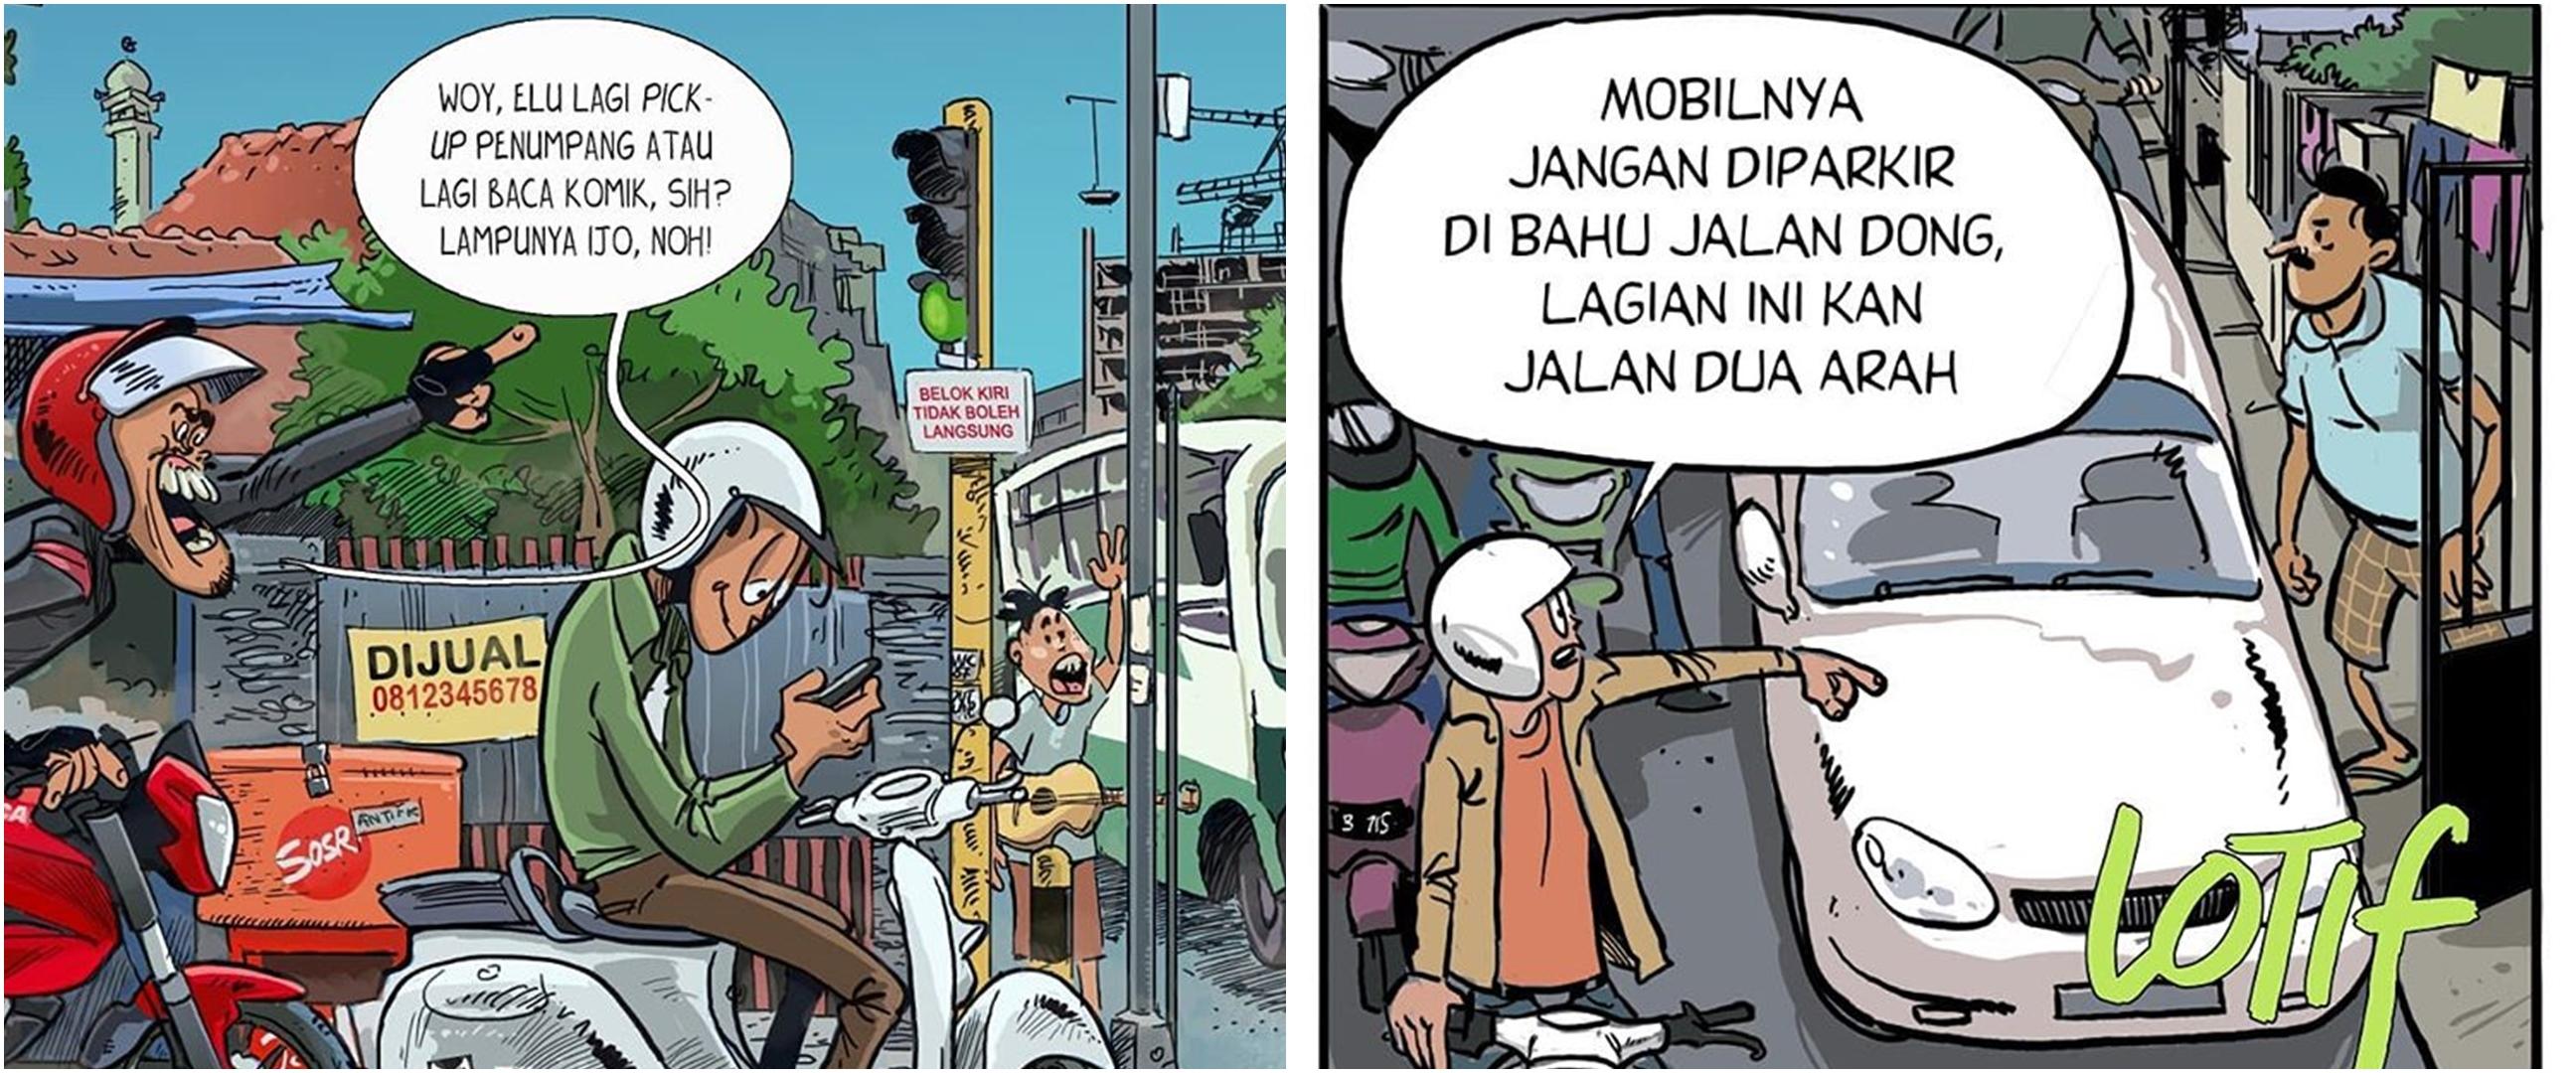 6 Komik ini menyindir pengguna jalan, ngena banget